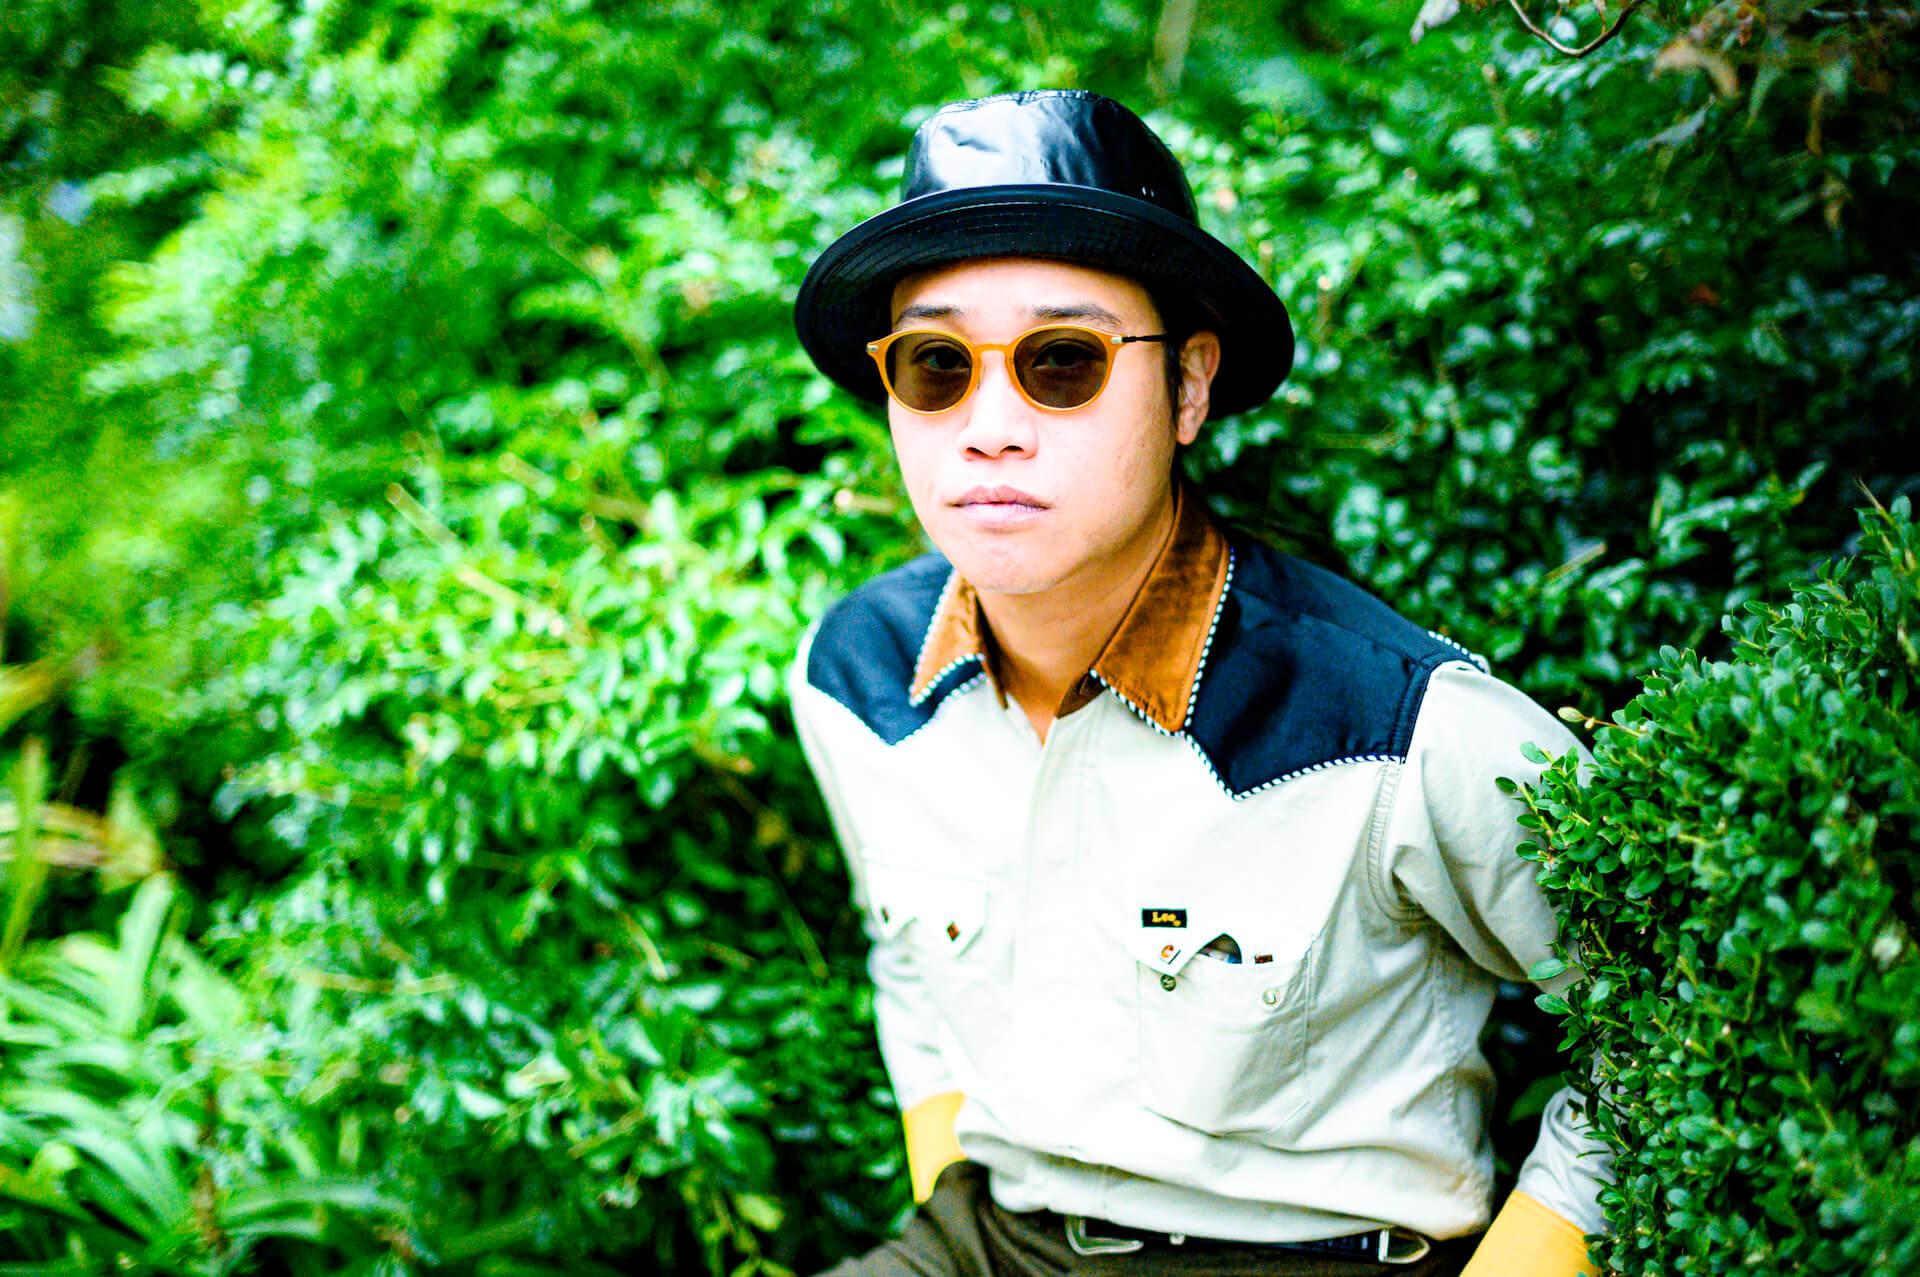 さらなる高みを目指すSANABAGUN.が4thアルバム『BALLADS』で求めた変化 interview-sanabagun-4